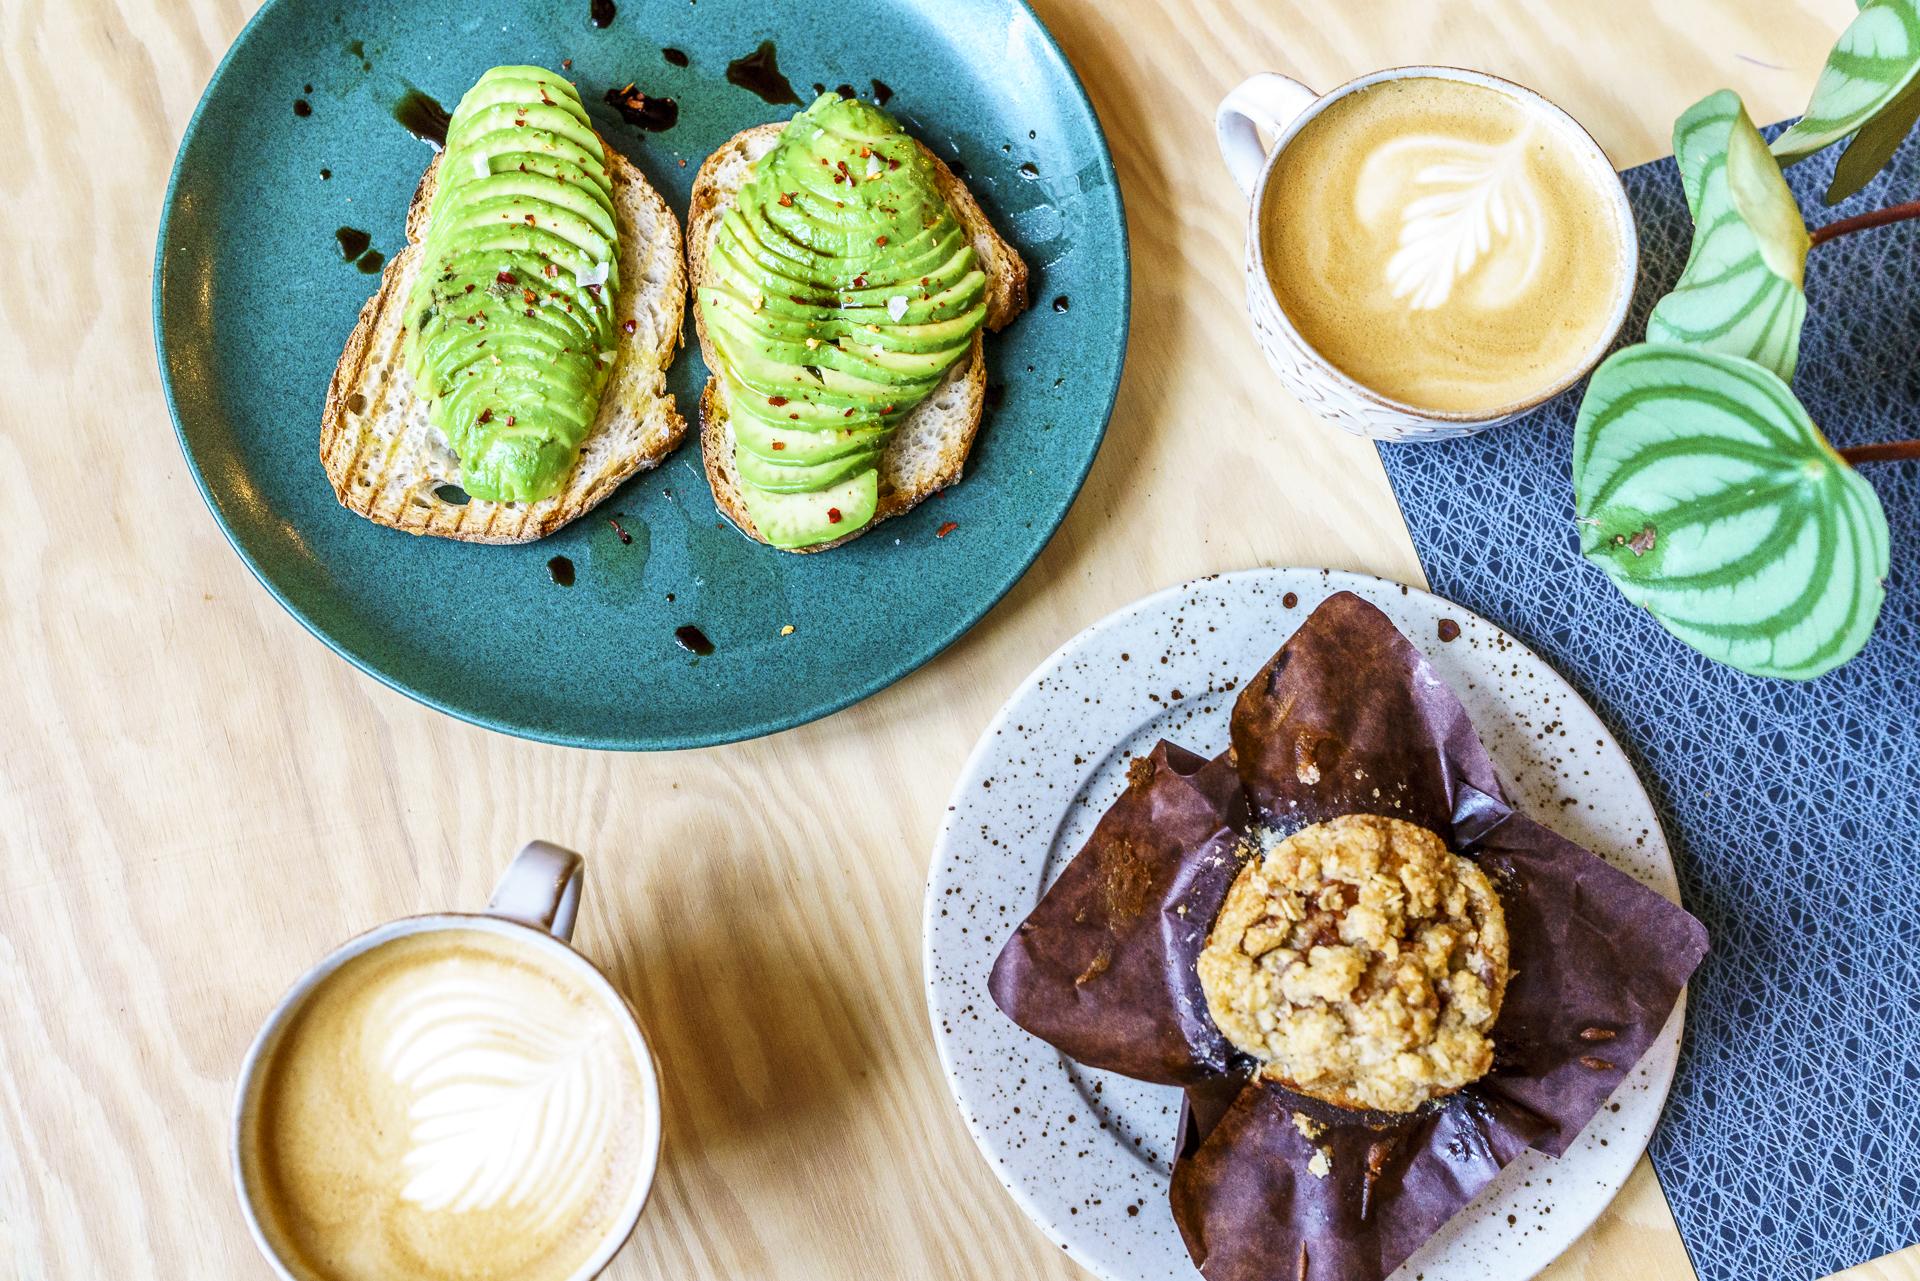 kale-i-kaffebar-goeteborg